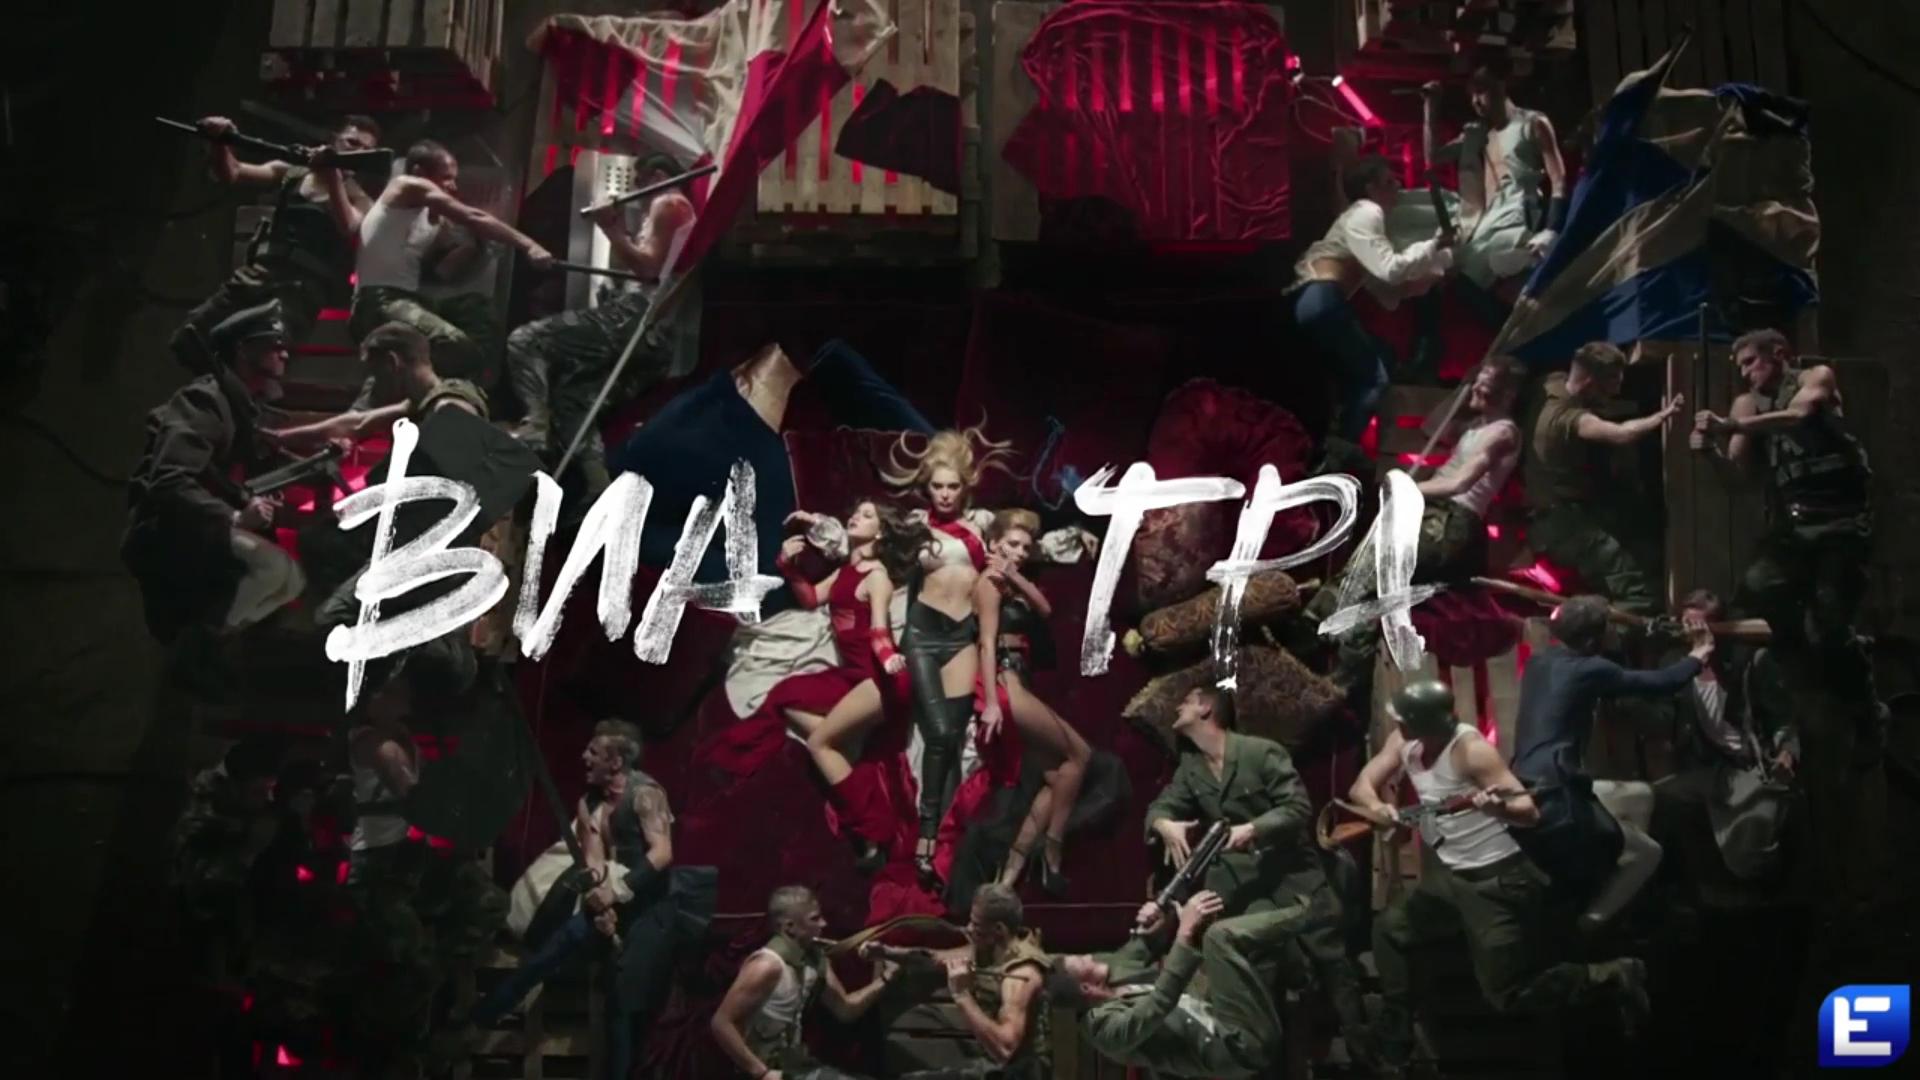 http://i2.imageban.ru/out/2013/11/12/623491c9404ad37f4b18df8b71ddc405.png